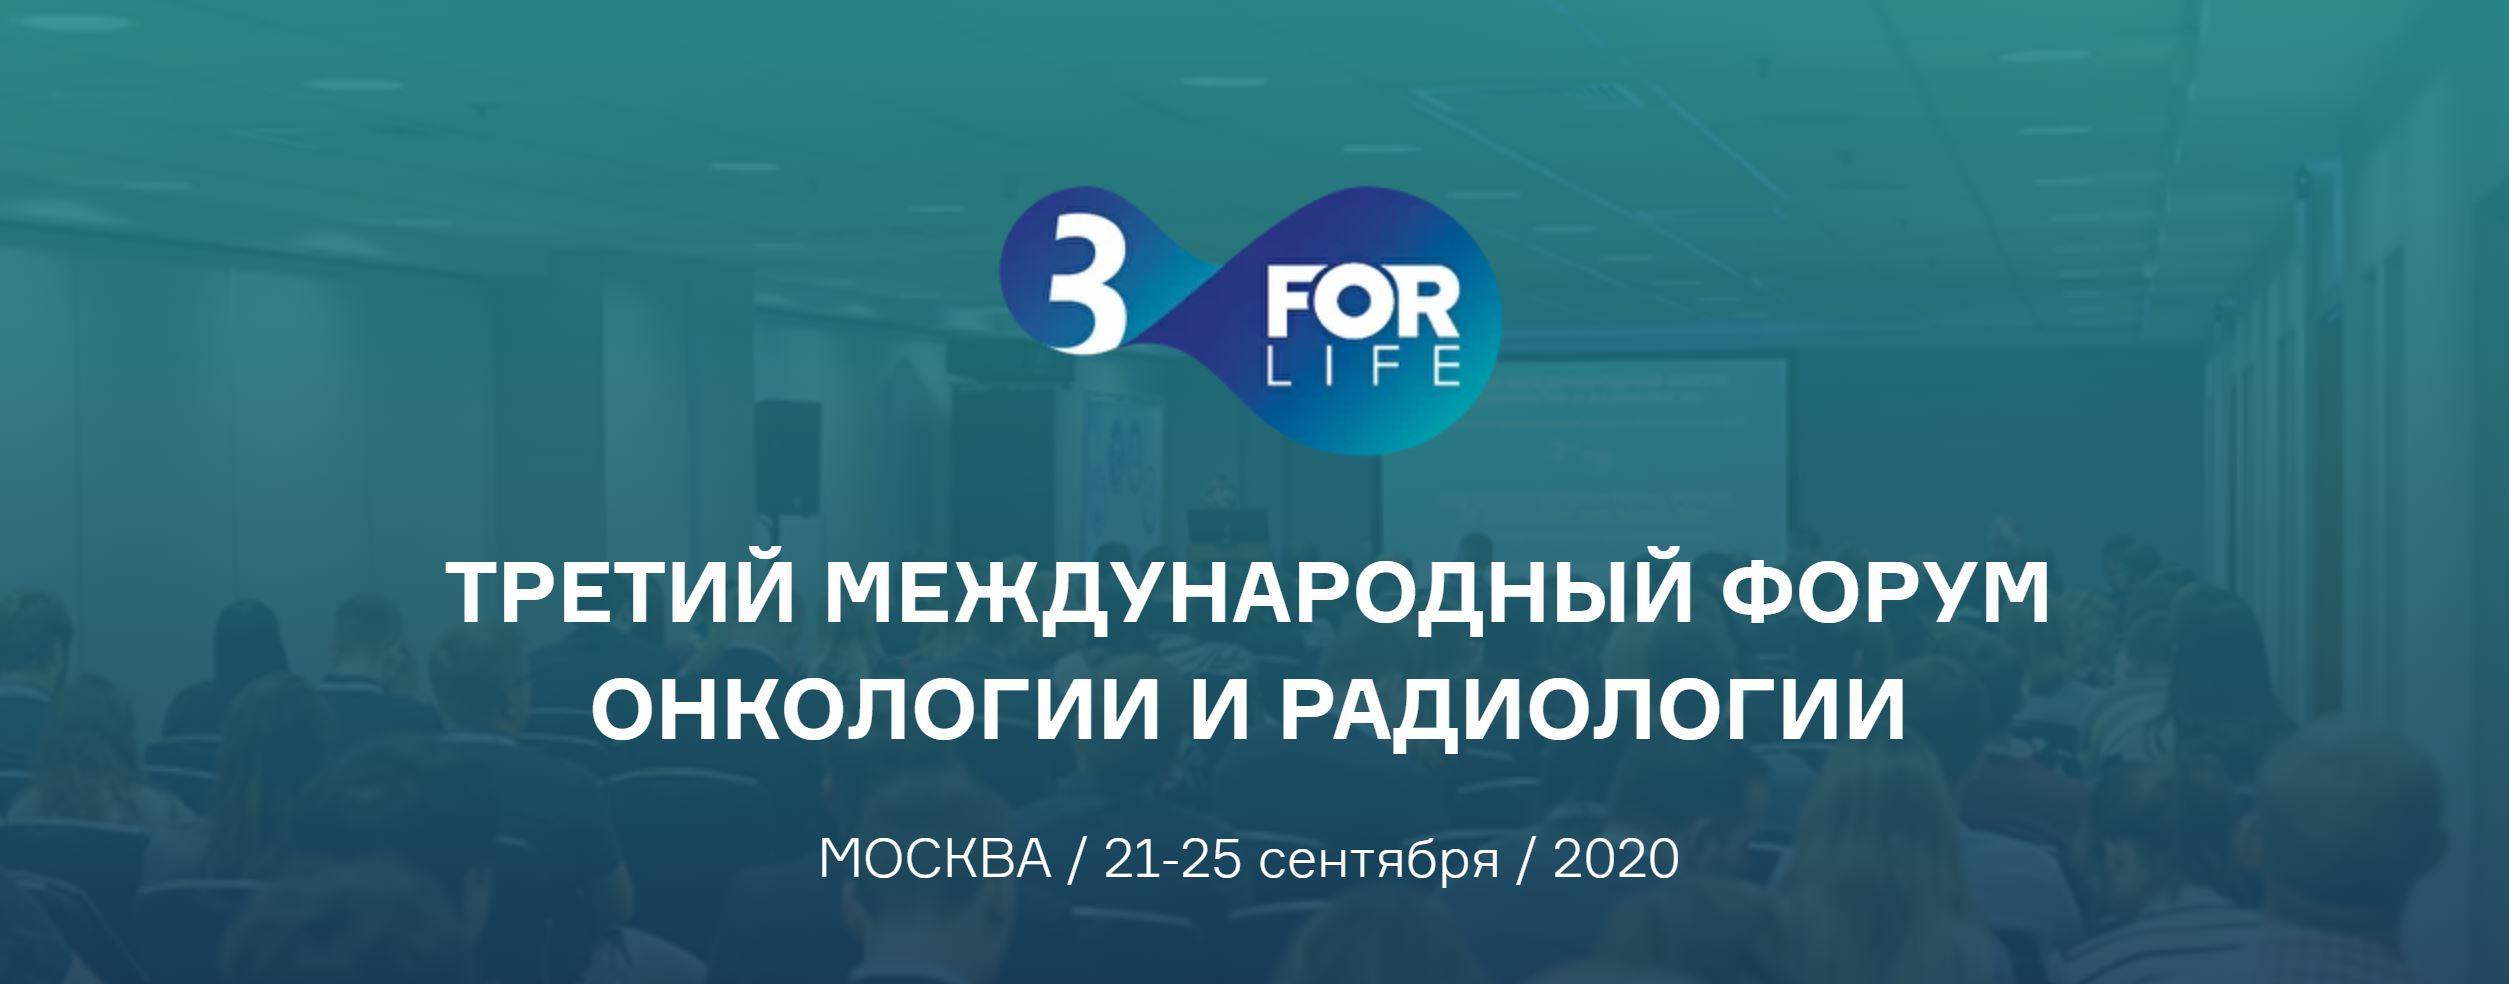 Стартовал Третий международный форум онкологии и радиологии